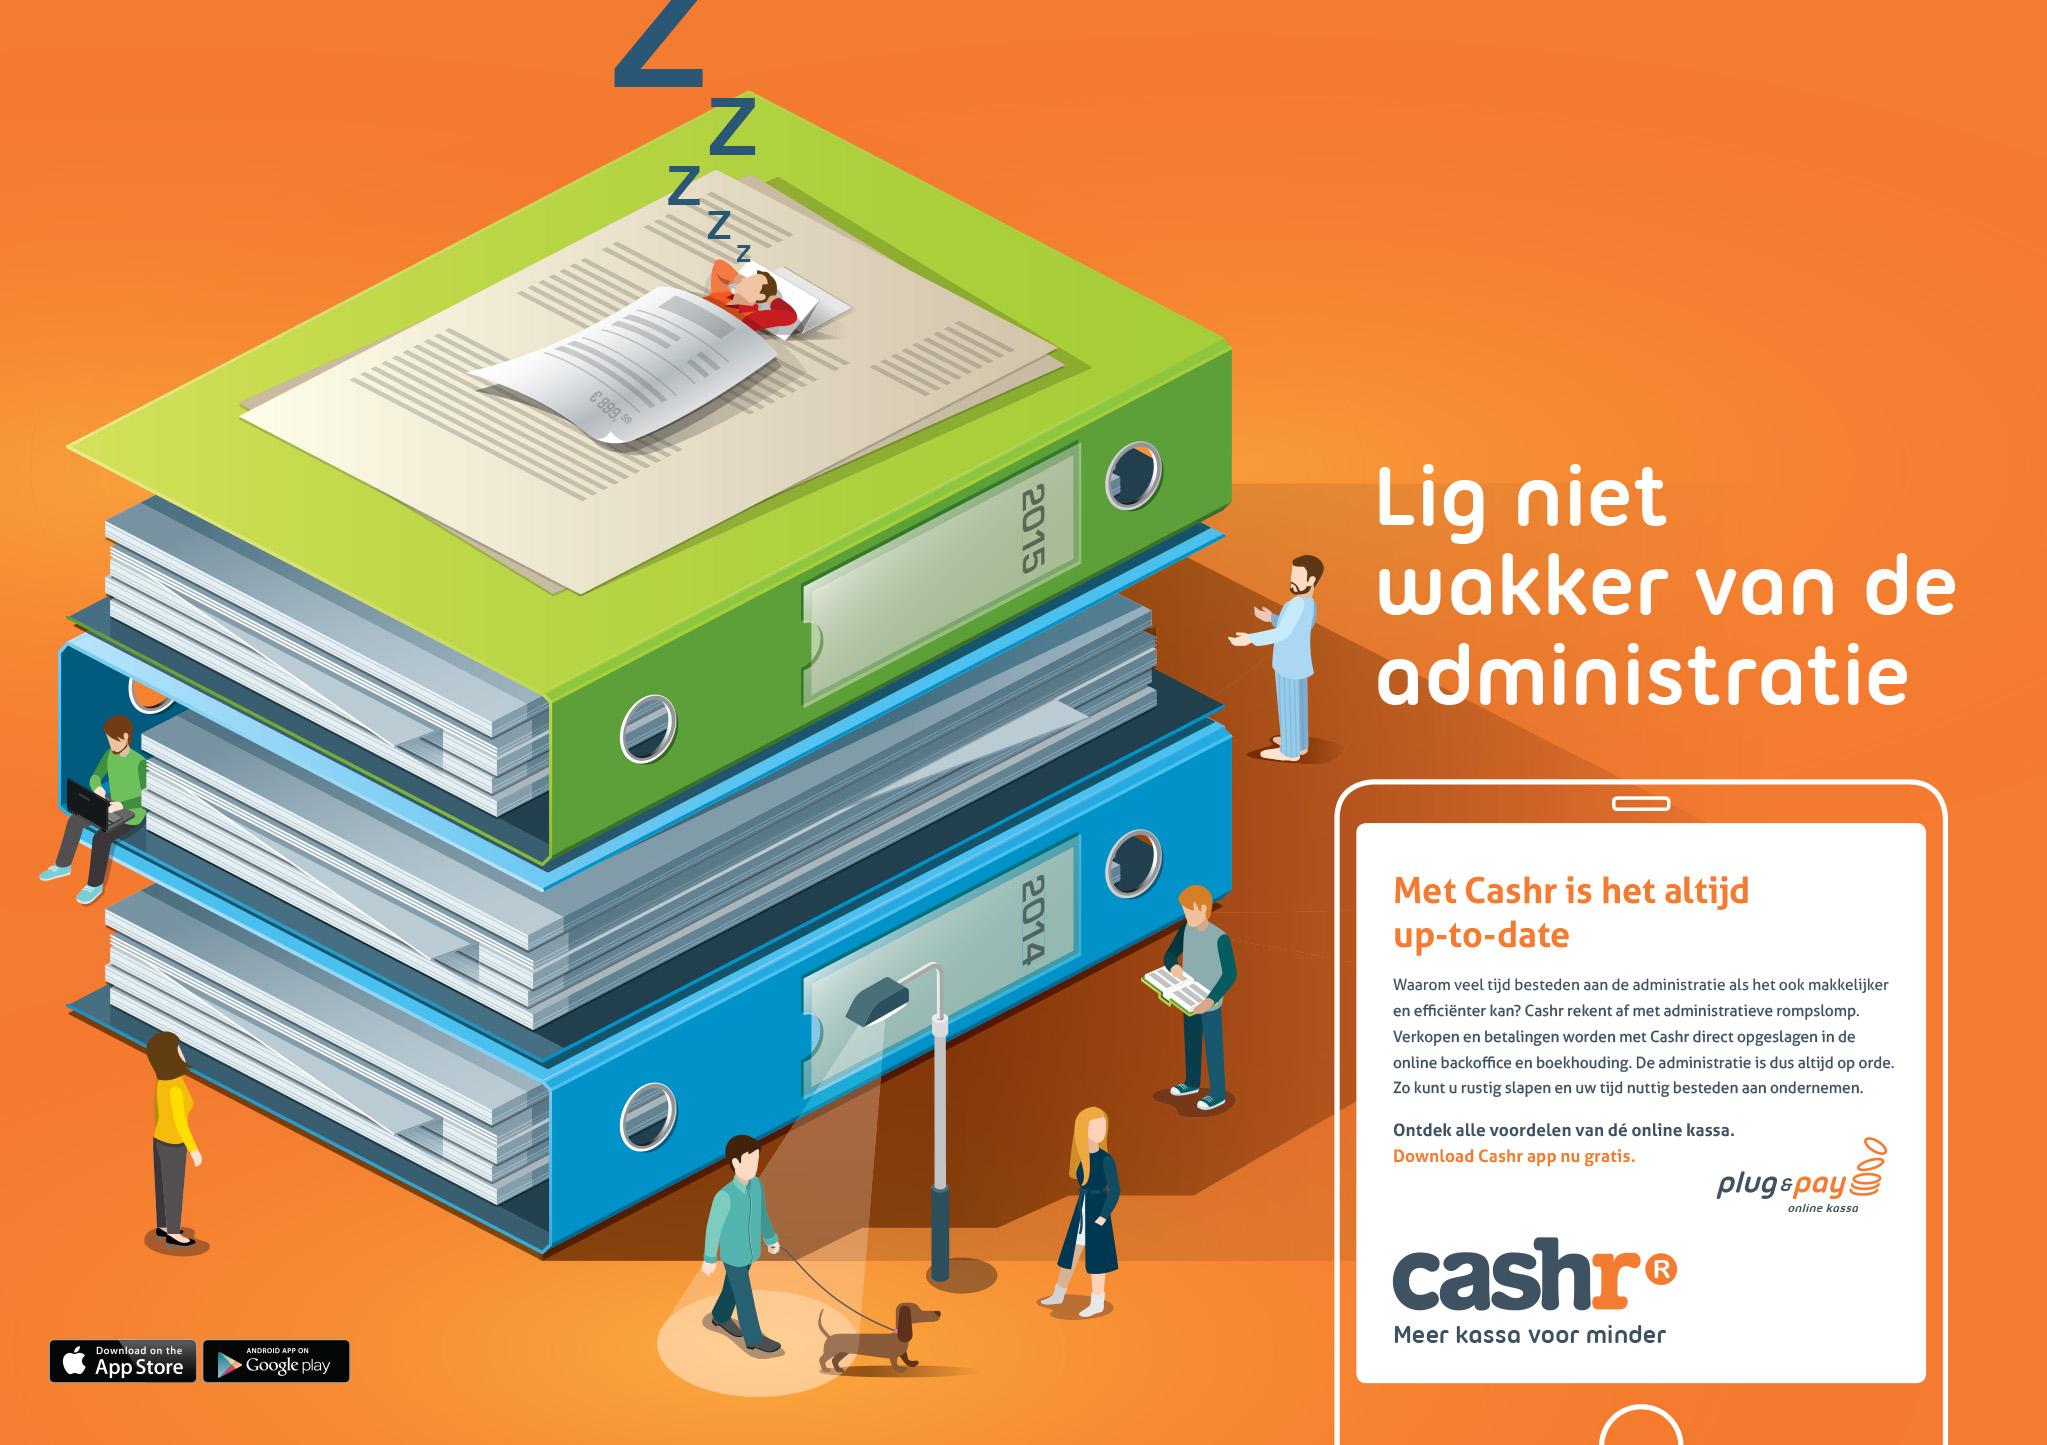 Opmaak_Cashr_def.indd